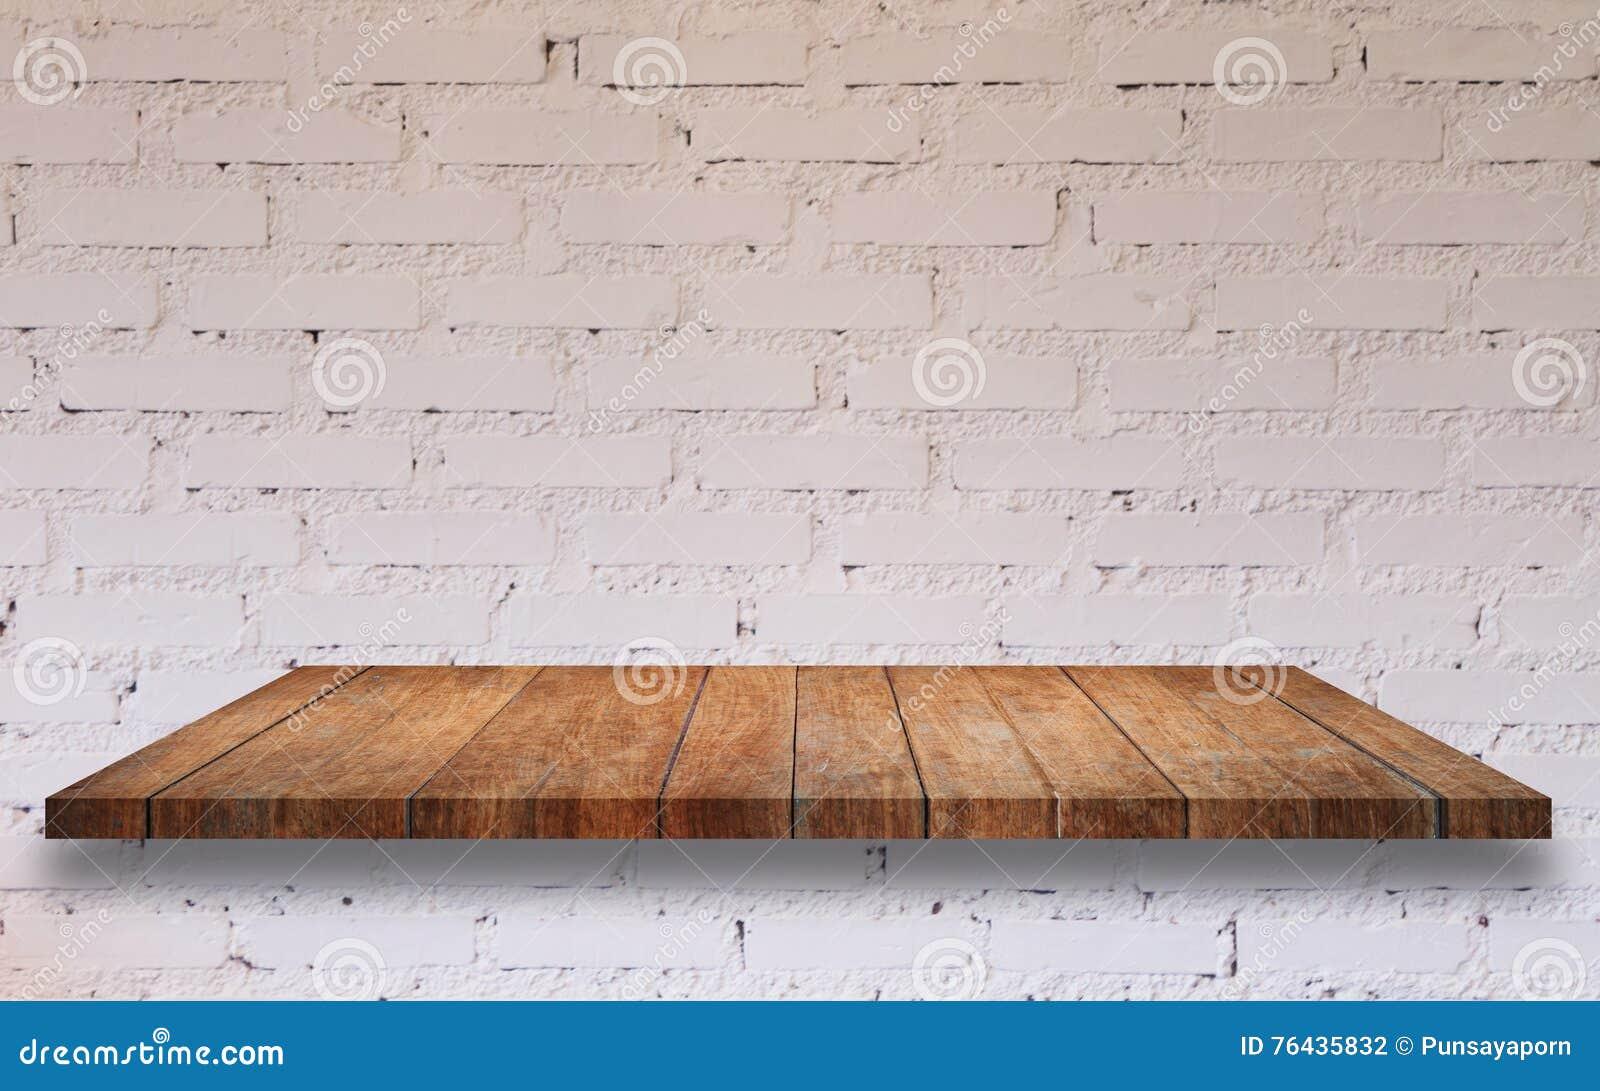 Houten Plank Voor Aan Muur.Bovenkant Van Houten Plank Met Witte Bakstenen Muur Stock Foto